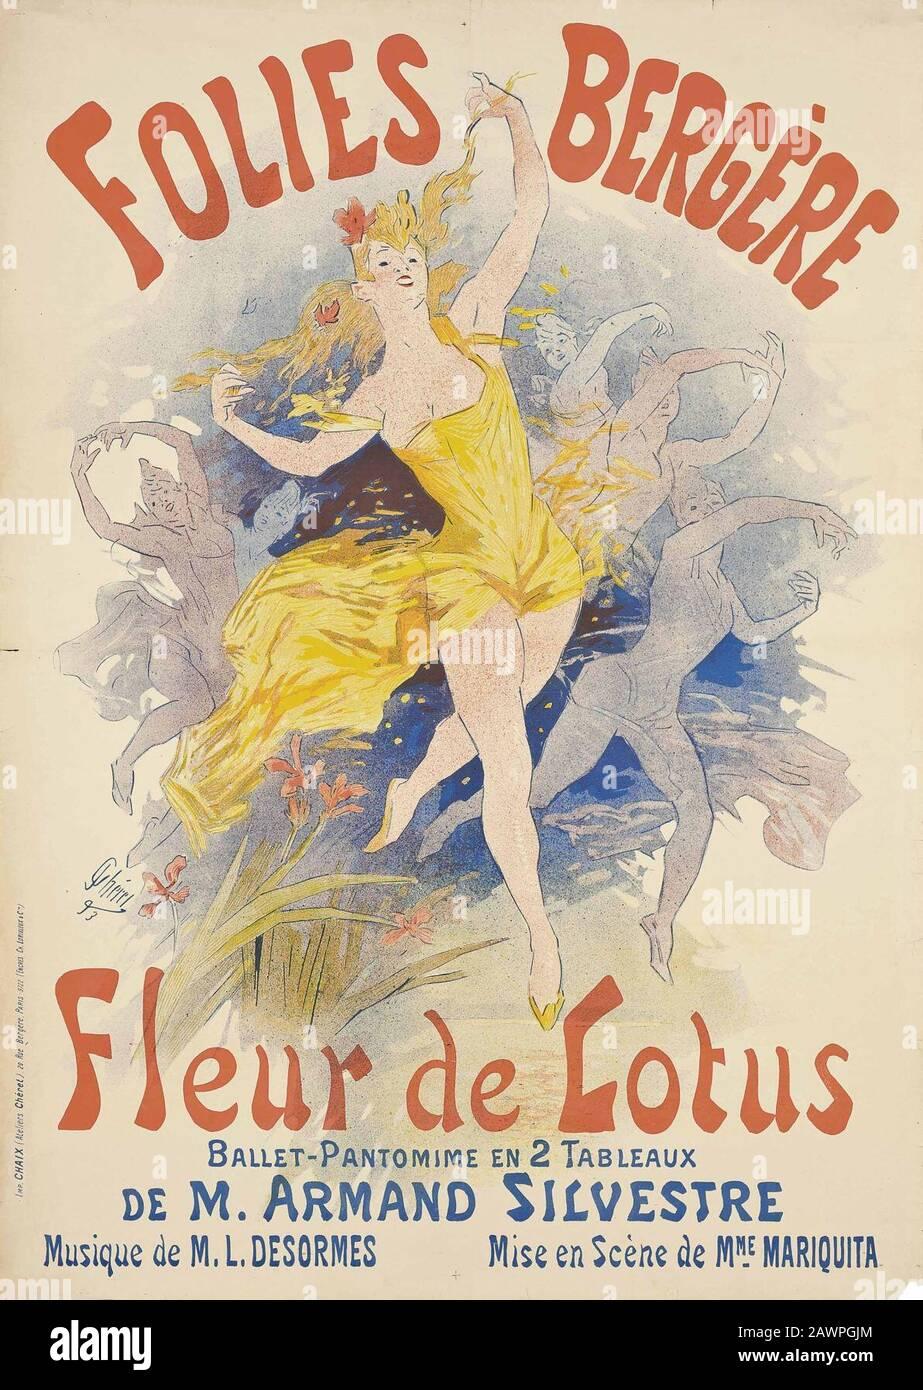 Fleur De Lotus Dijon jules chéret stock photos & jules chéret stock images - page